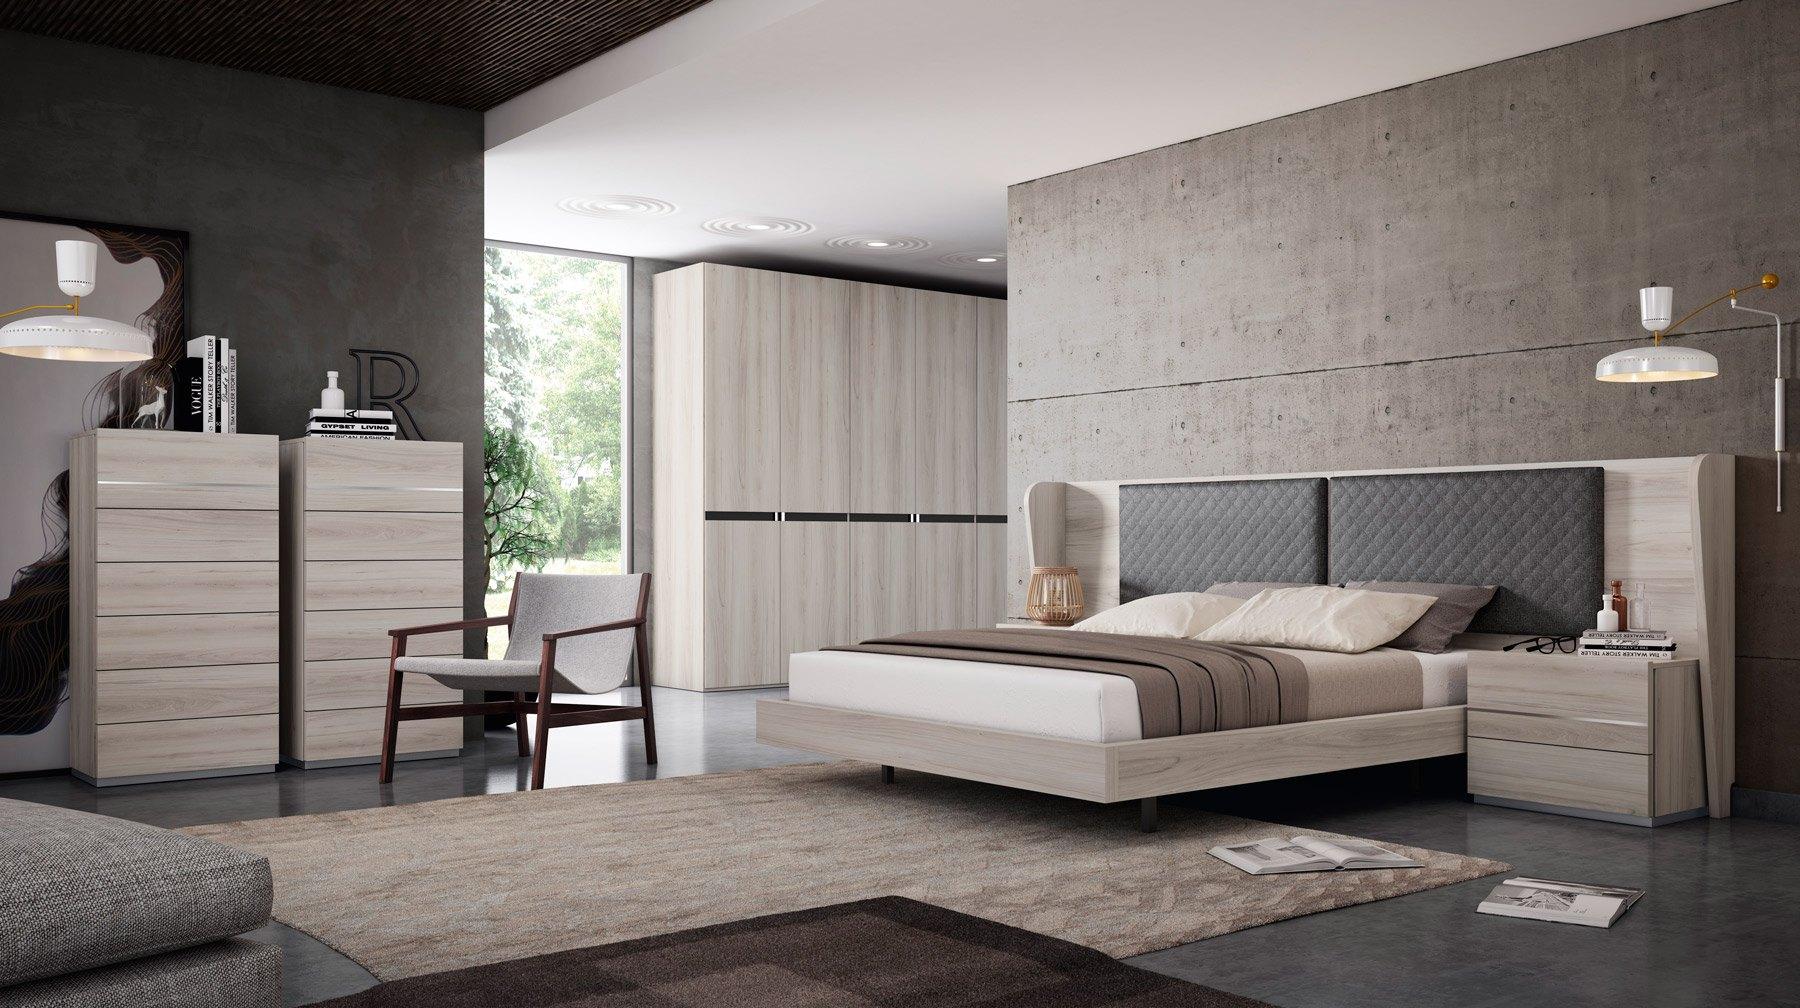 Dormitorios modernos archivos uni n fabricantes de tresillos for Fabricantes muebles dormitorios